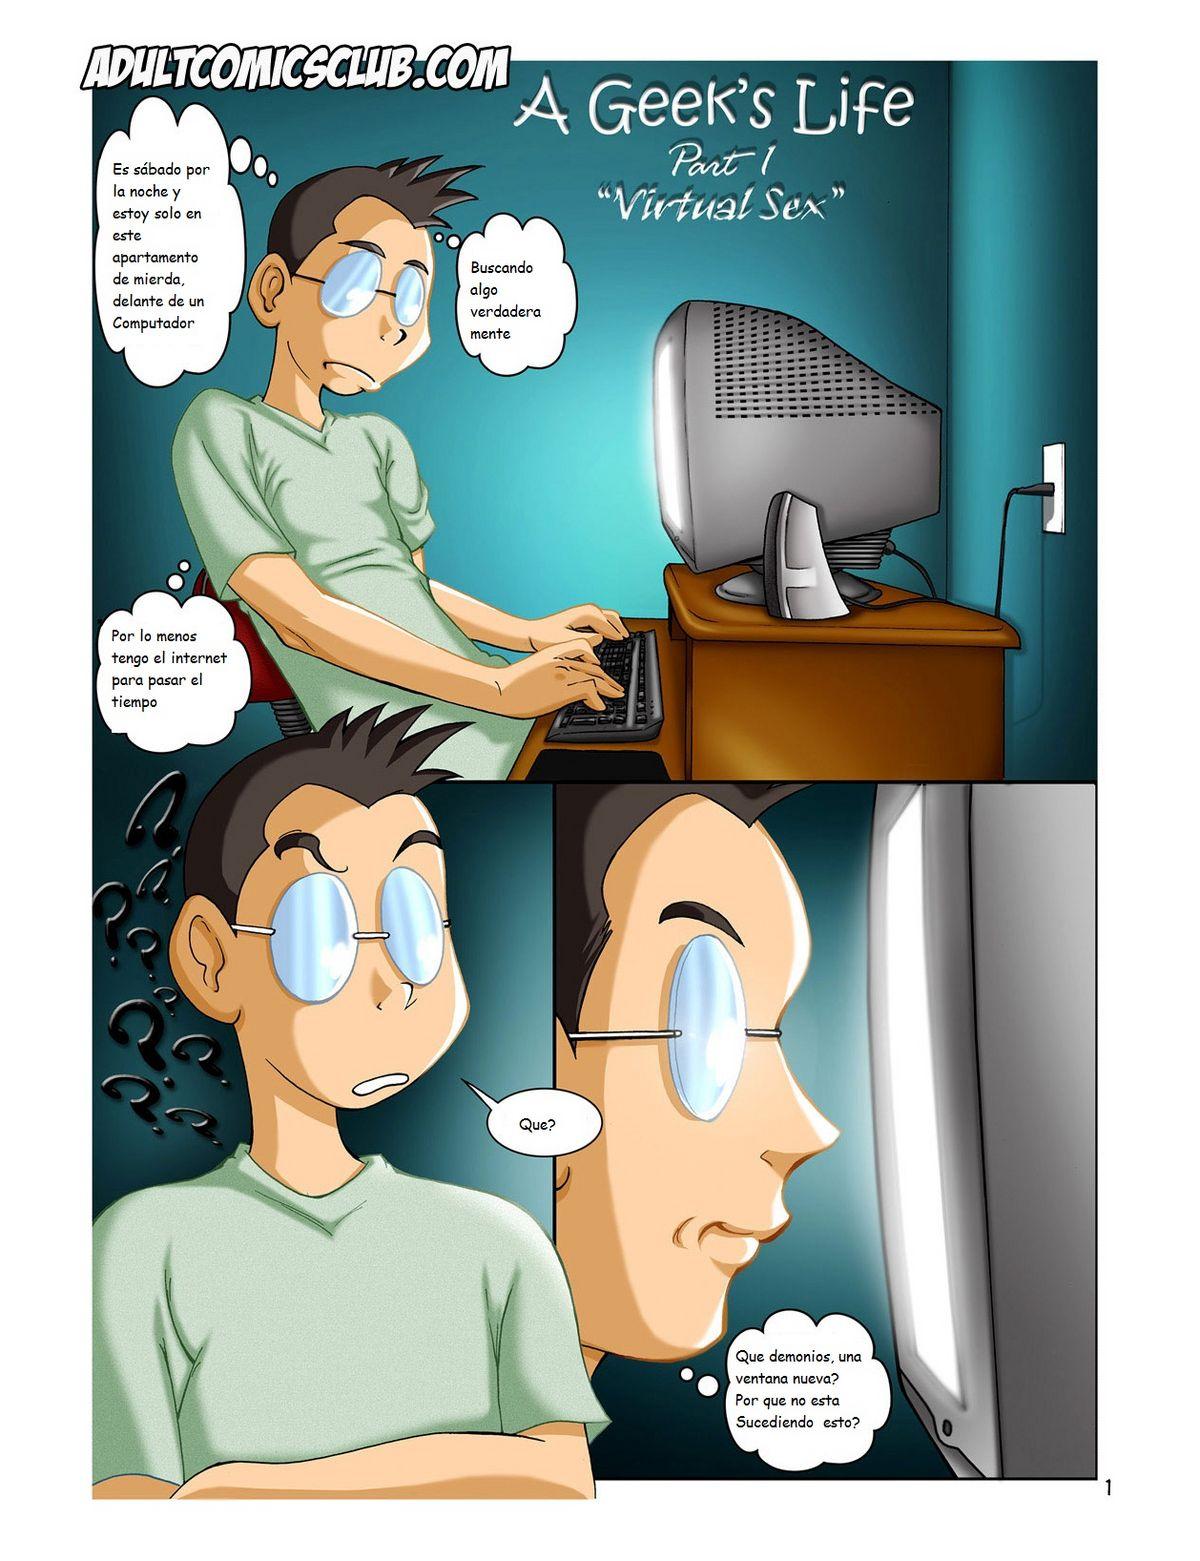 Icq бот виртуальный секс 28 фотография